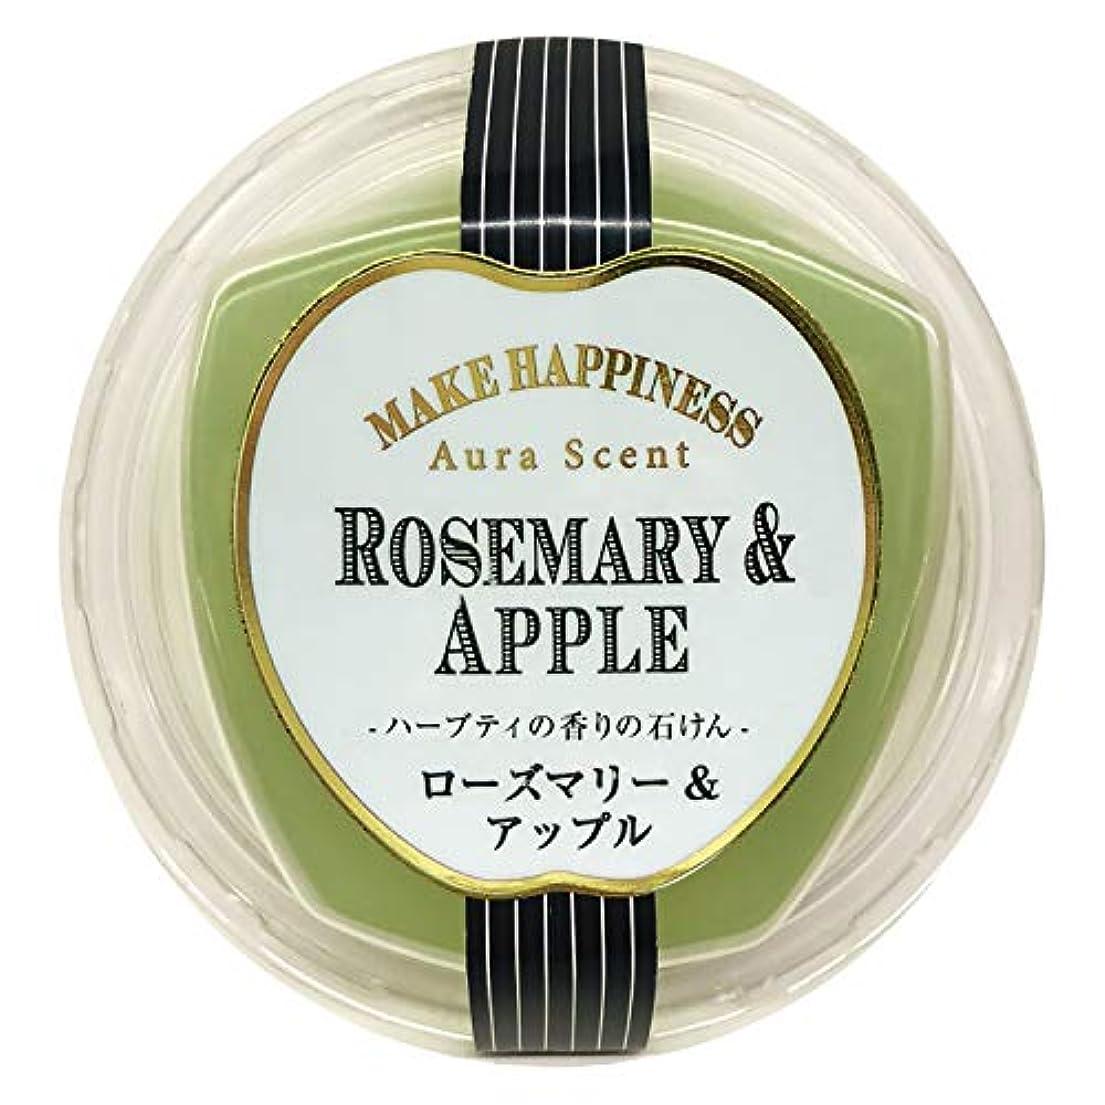 精巧なエジプトパイプラインペリカン石鹸 オーラセント クリアソープローズマリー&アップル 75g